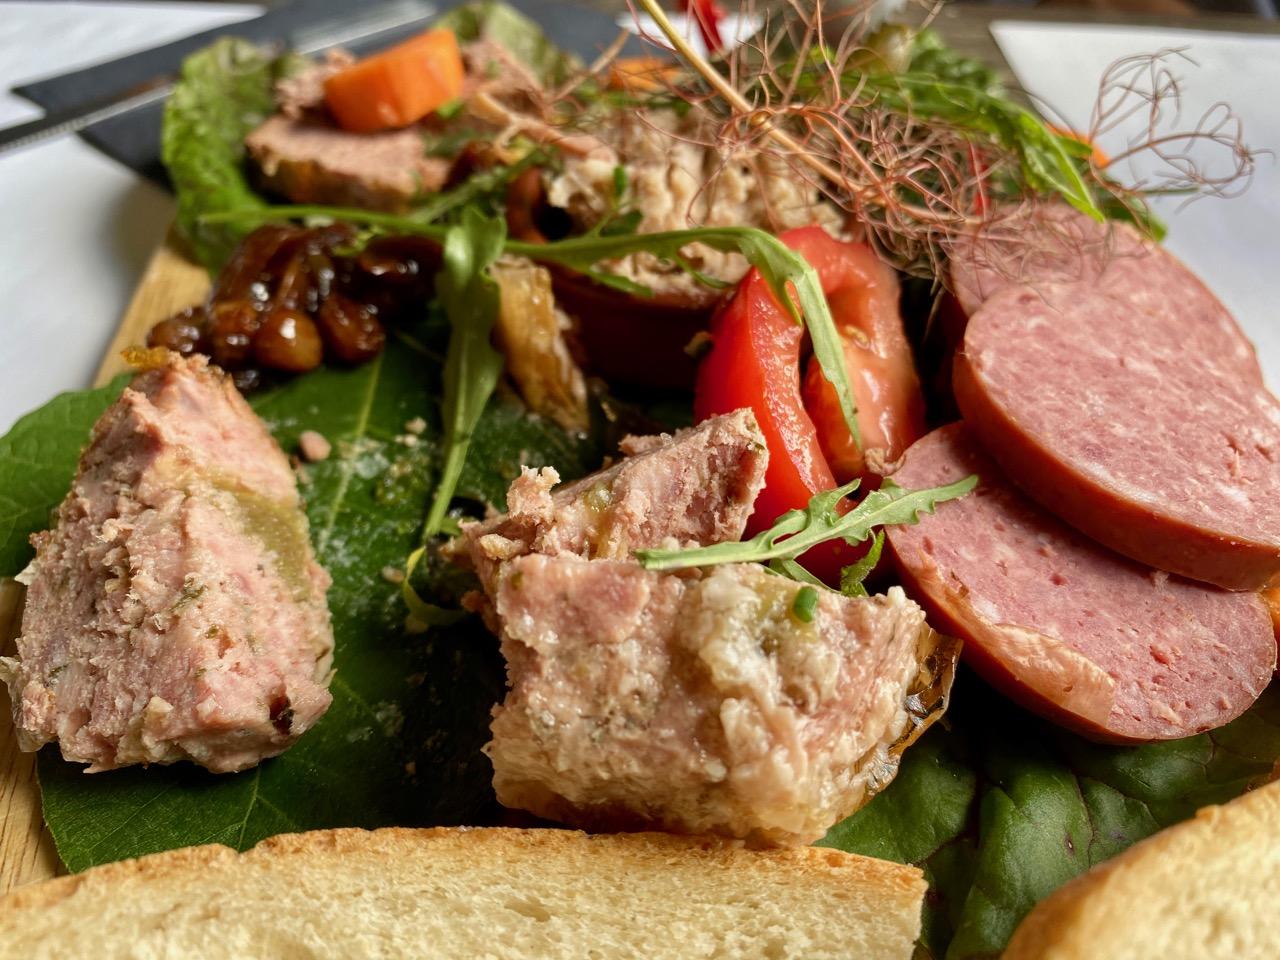 Estaminet-Het-Kasteelhof-Cassel-planche-aperitive